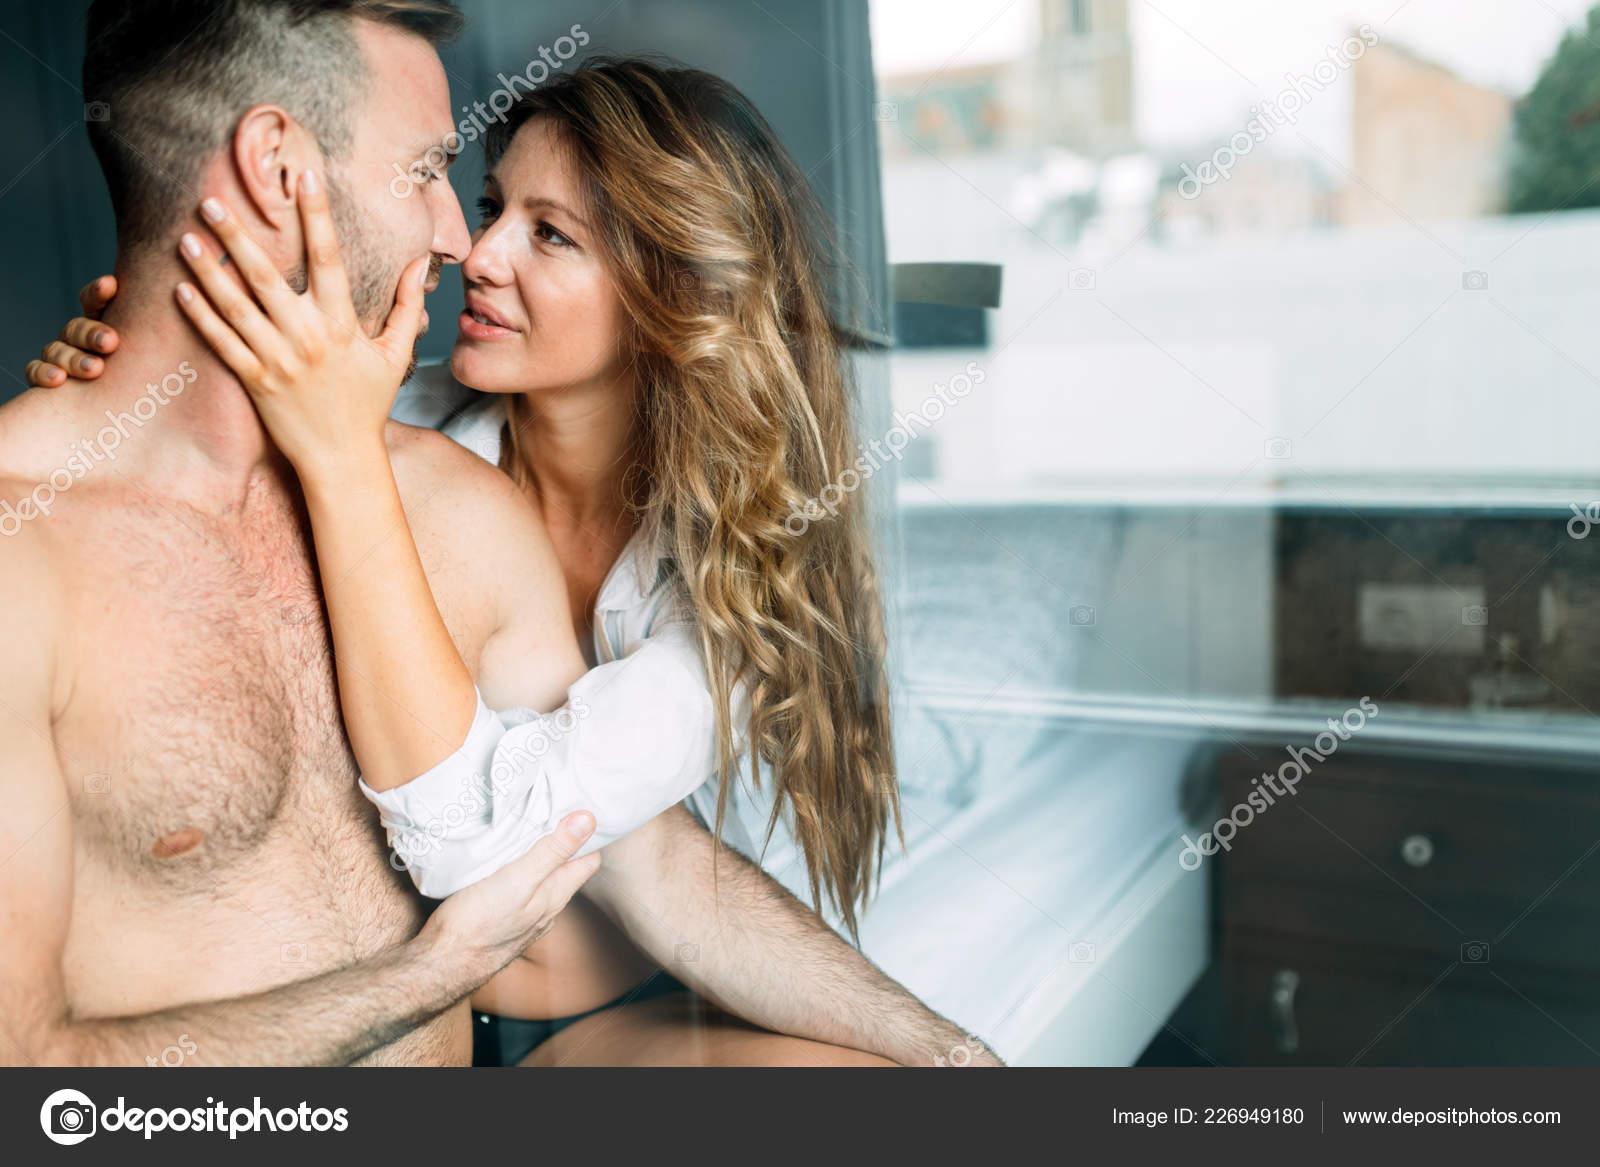 zdjęcia seksu czarnych kobiet